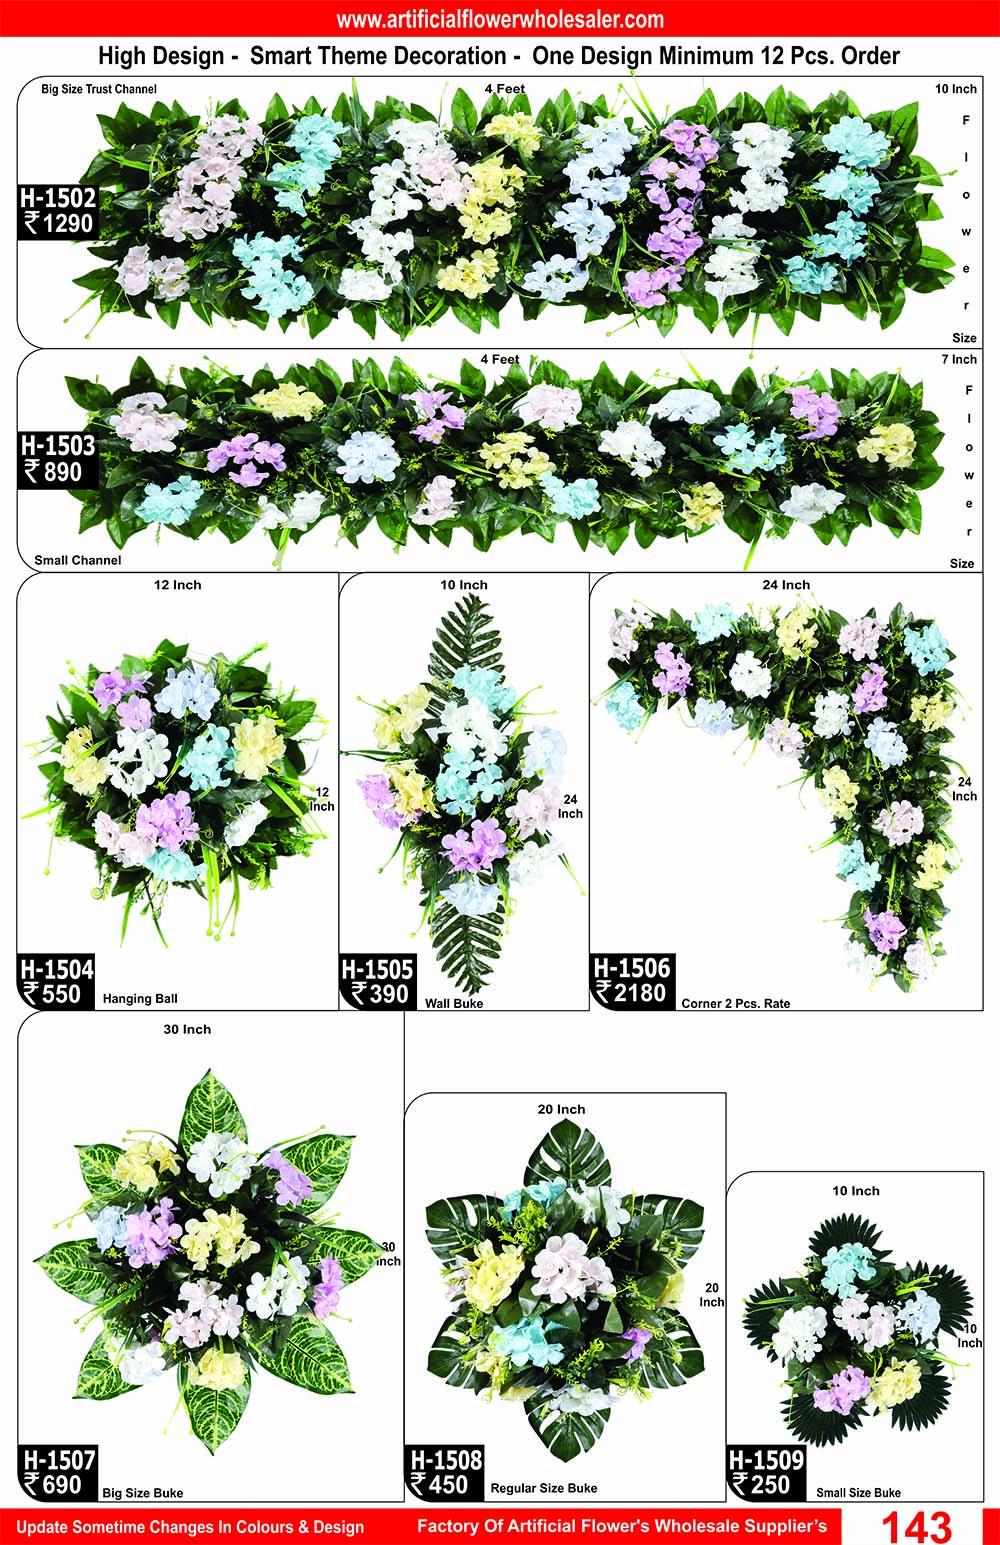 143-artificial-flower-wholesaler